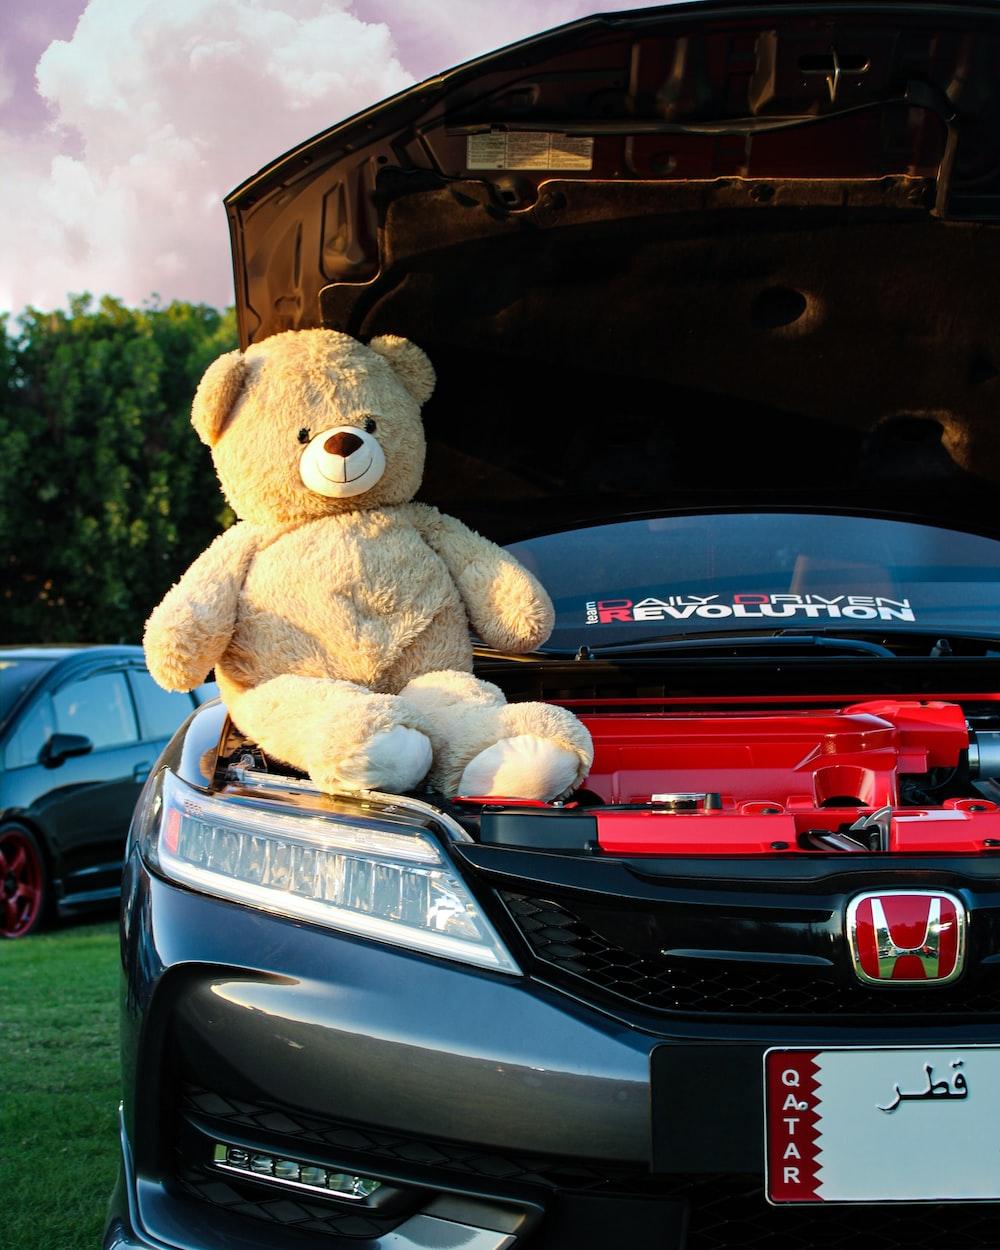 brown teddy bear on car